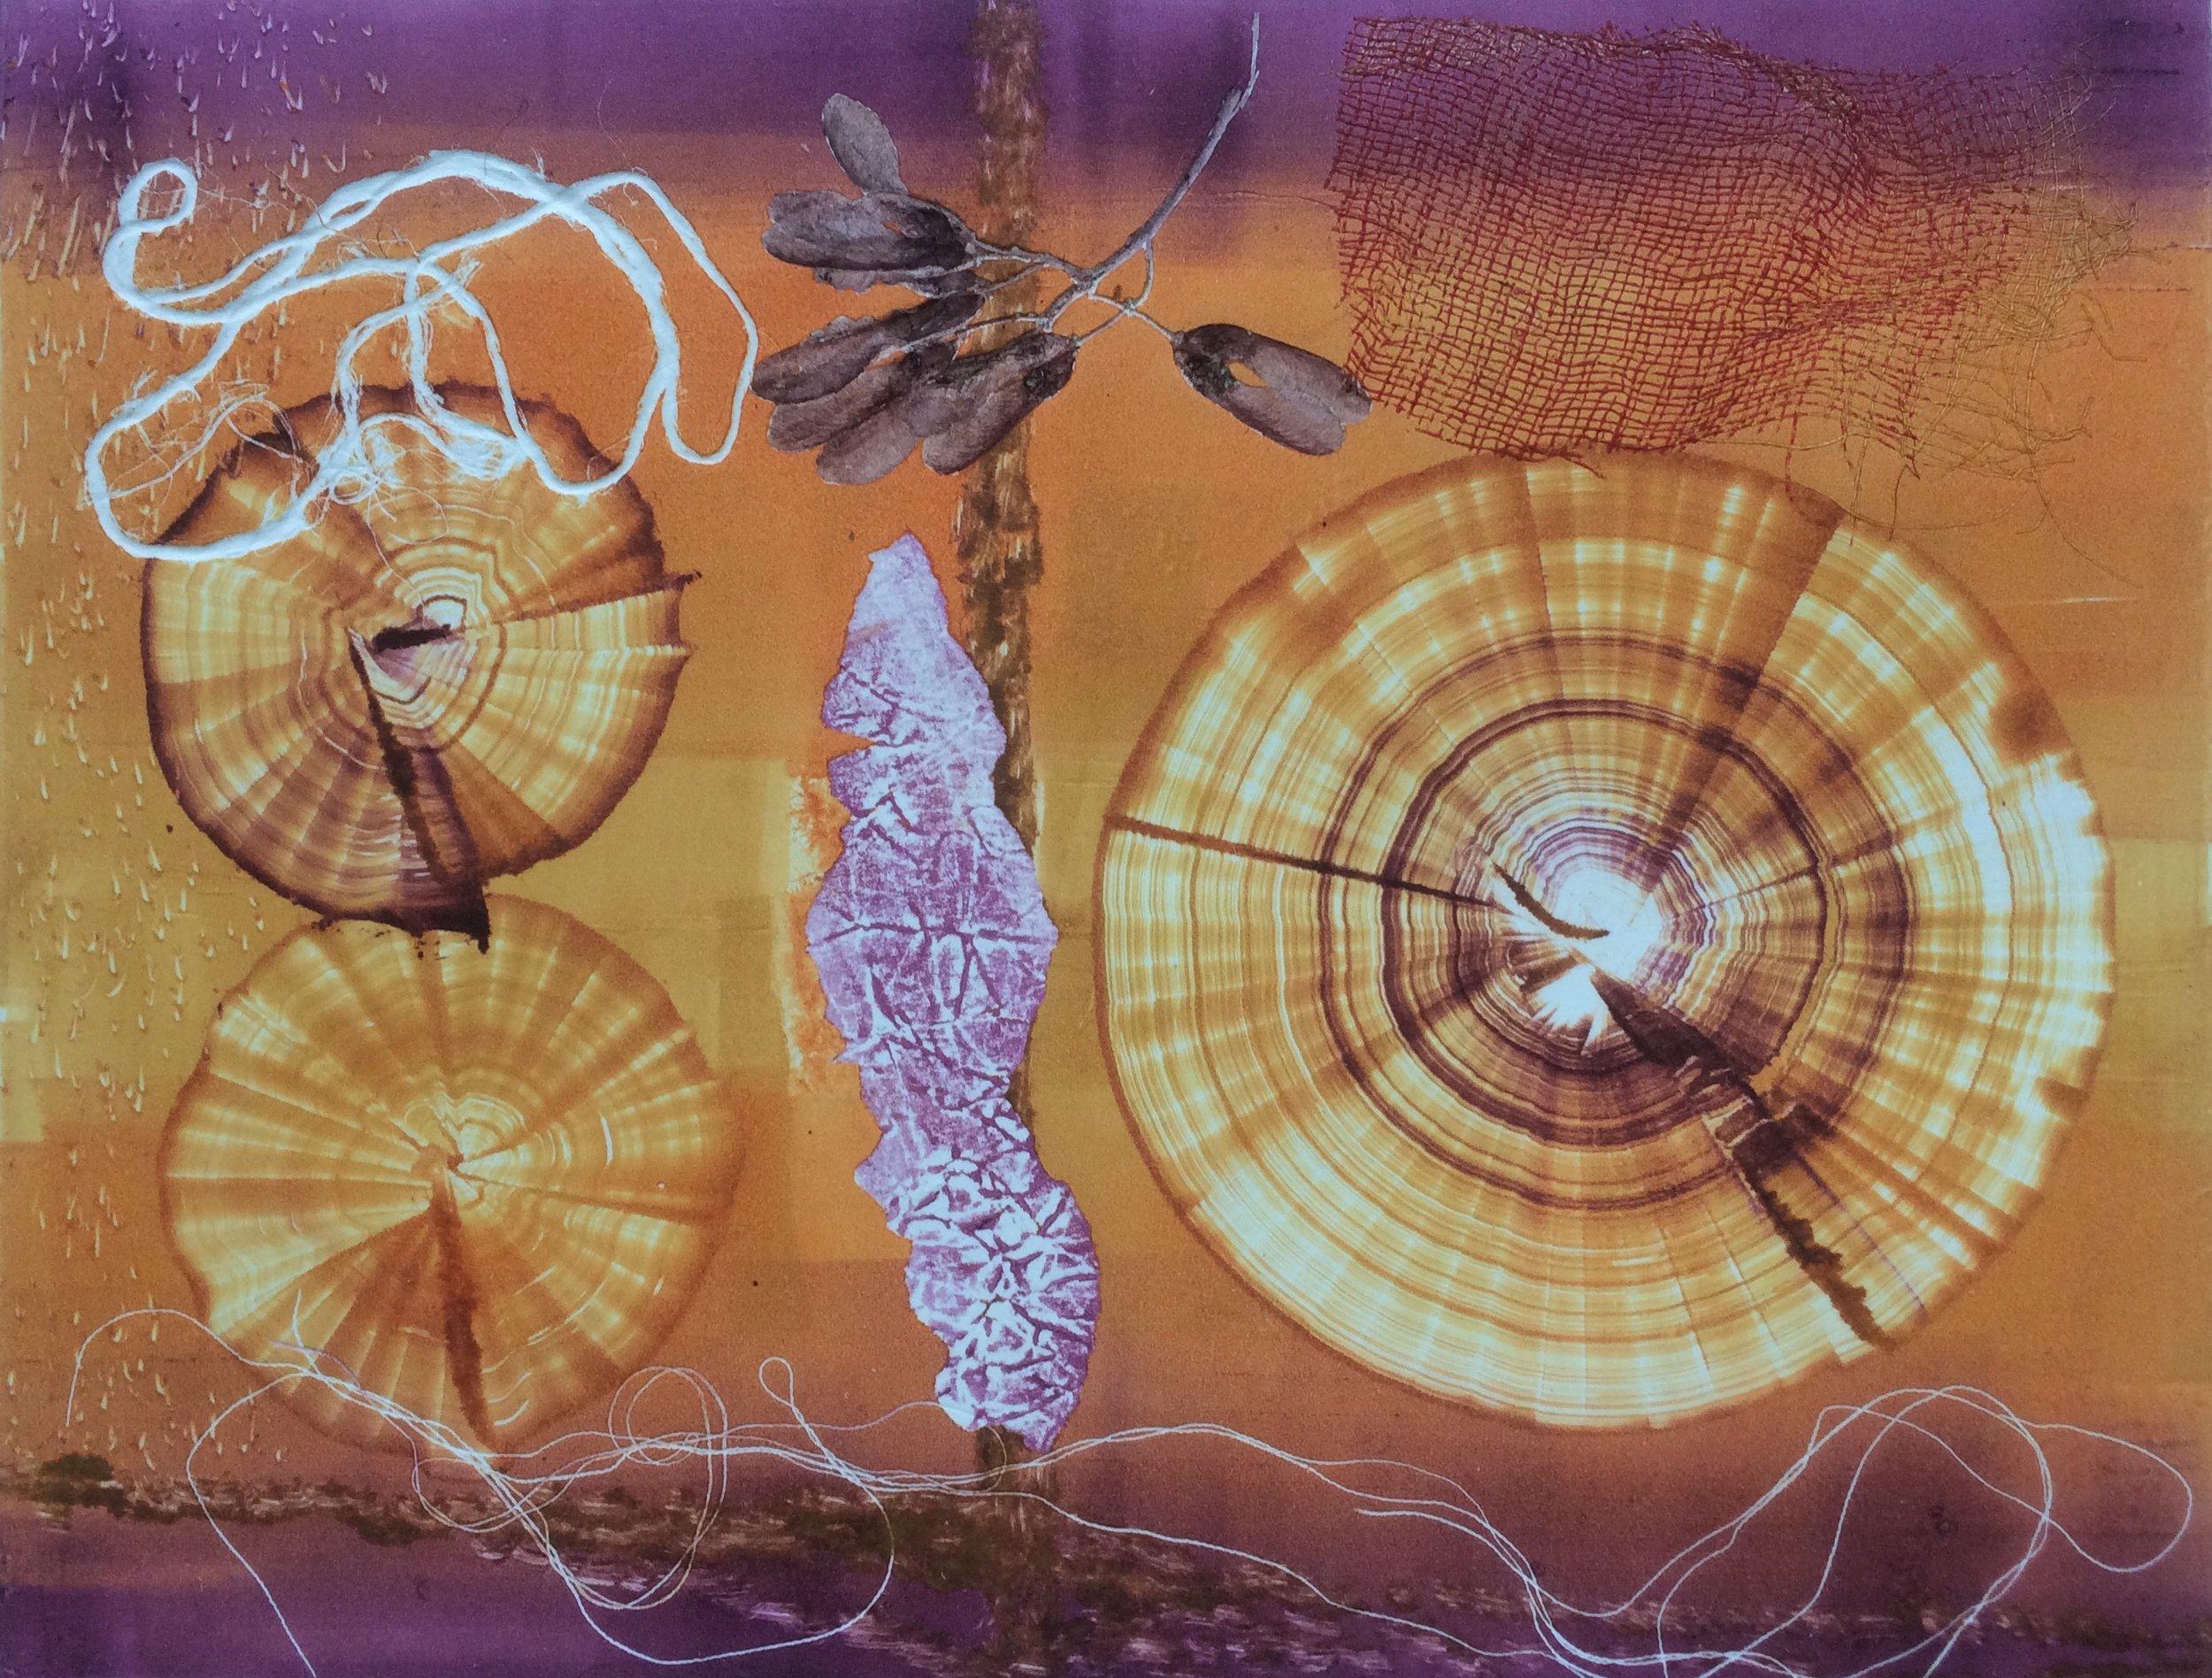 - Maria HallMaria Hall har under våren 2019 gjort en serie monotypier kallade Mémoire. På kopparplåt har färg valsats, målats och tecknats i ett assemblage med fynd från natur och textila element. När plåten sedan trycks överförs allt på grafikpapper. Varje tryck blir därför ett original där detaljer i efterhand akvarelleras.I de grafiska verken möts Maria Halls två världar – naturen och abstraktionen. De akvarellerade monotypierna är fyllda av minnesspår: av ristningar, rundlar, frön, trådar, barr och utklipp. Spåren anknyter till den fysiska verkligheten medan abstraktionerna vänder sig till betraktarens fantasi. Bladen är ramade i passepartout med en ram av valnöt. Pappret: Hahnemühle 300 g. Glaset är reflexfritt – ett så kallat museiglas.Maria Hall är född 1964 i Göteborg, bor och arbetar i Stockholm. Hon har utbildning vid Valand, Göteborgs universitet och Kungliga Konsthögskolan i Stockholm. Hall är representerad i flera svenska samlingar, bland annat Göteborgs Konstmuseum och Stockholm stad och har haft många separatutställningar runt om i Sverige. Hall har erhållit flera utmärkelser, bland annat Edstrandska Stiftelsens konstnärsstipendium, bildkonstnärsfondens tvååriga konstnärsstipendium och nu senast Konstakademiens Grez-sur-Loing-stipendium.